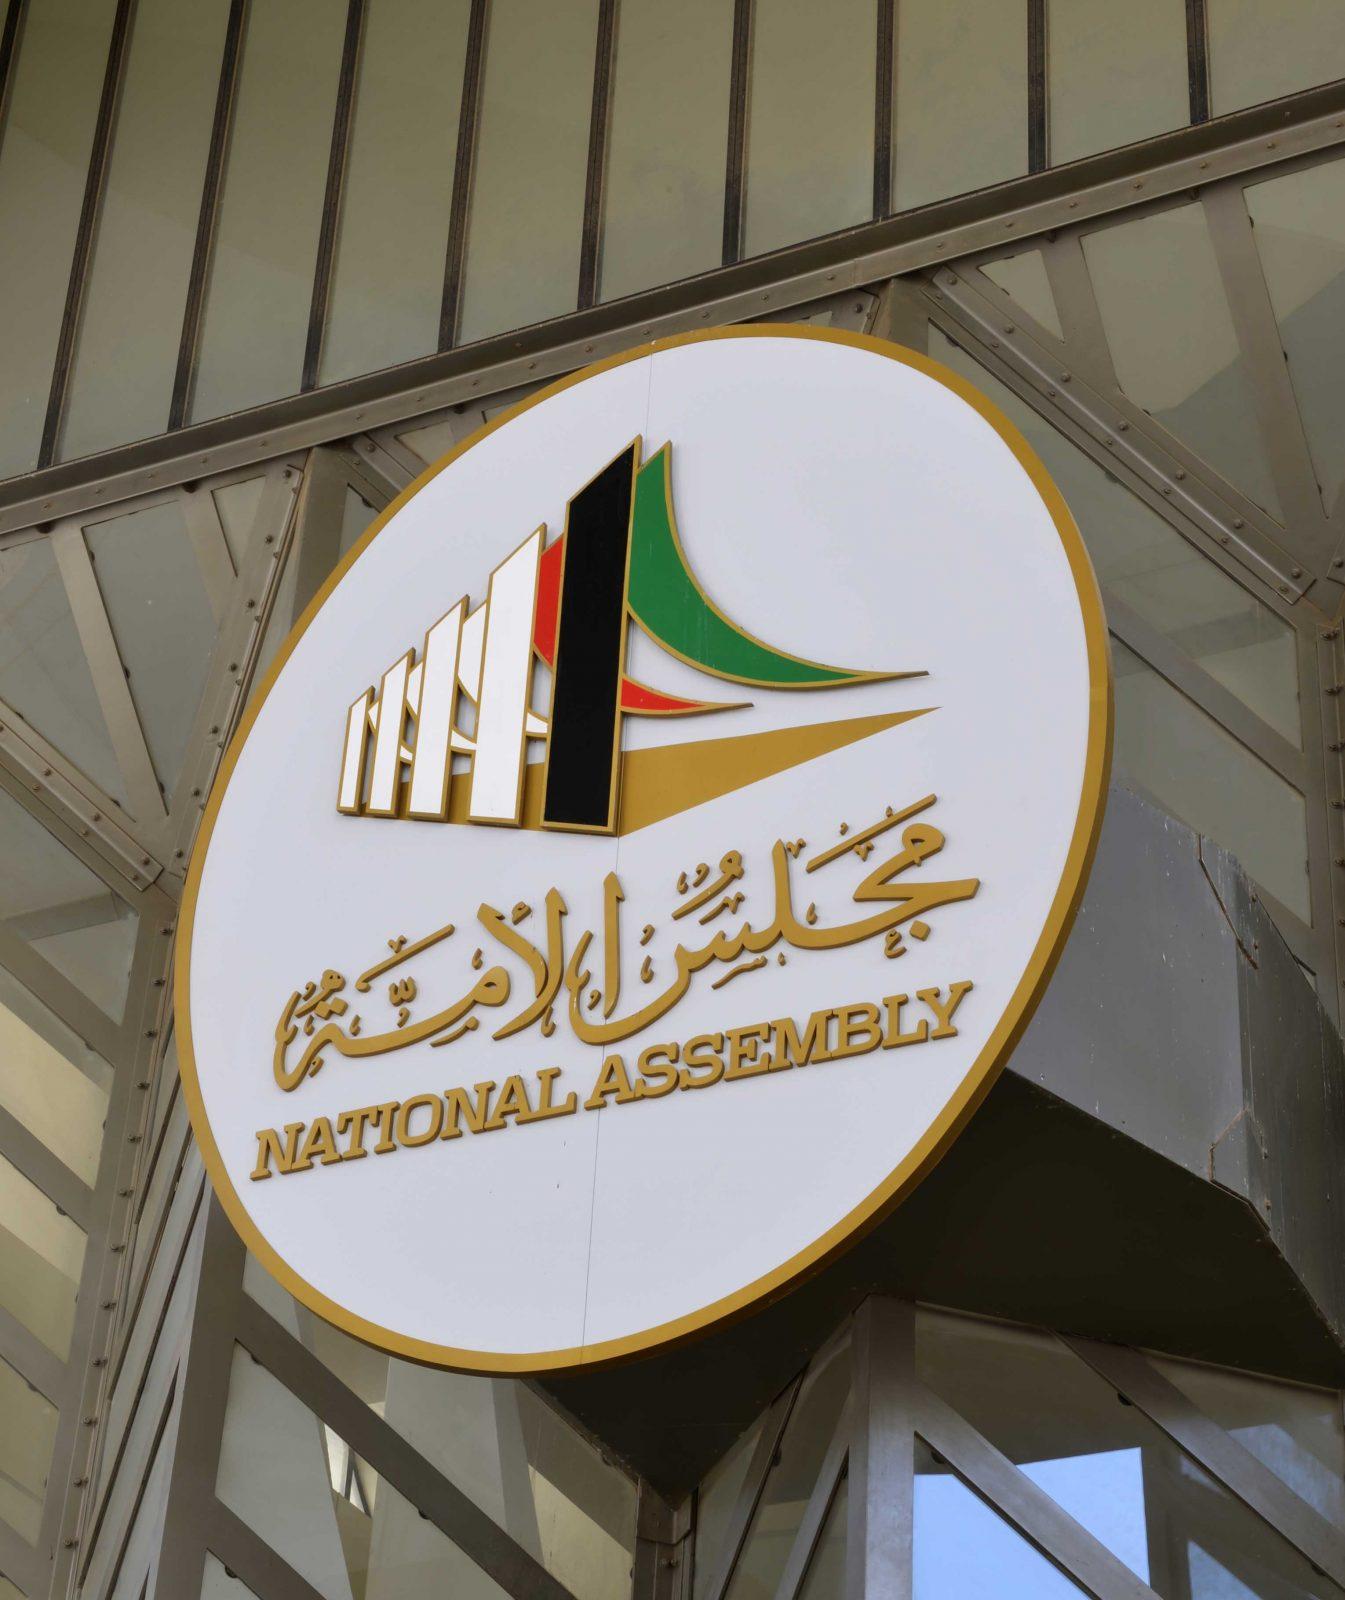 مجلس الامة1 - 17 مشروع قانون تضعهم اللجنة المالية أمام الحكومة